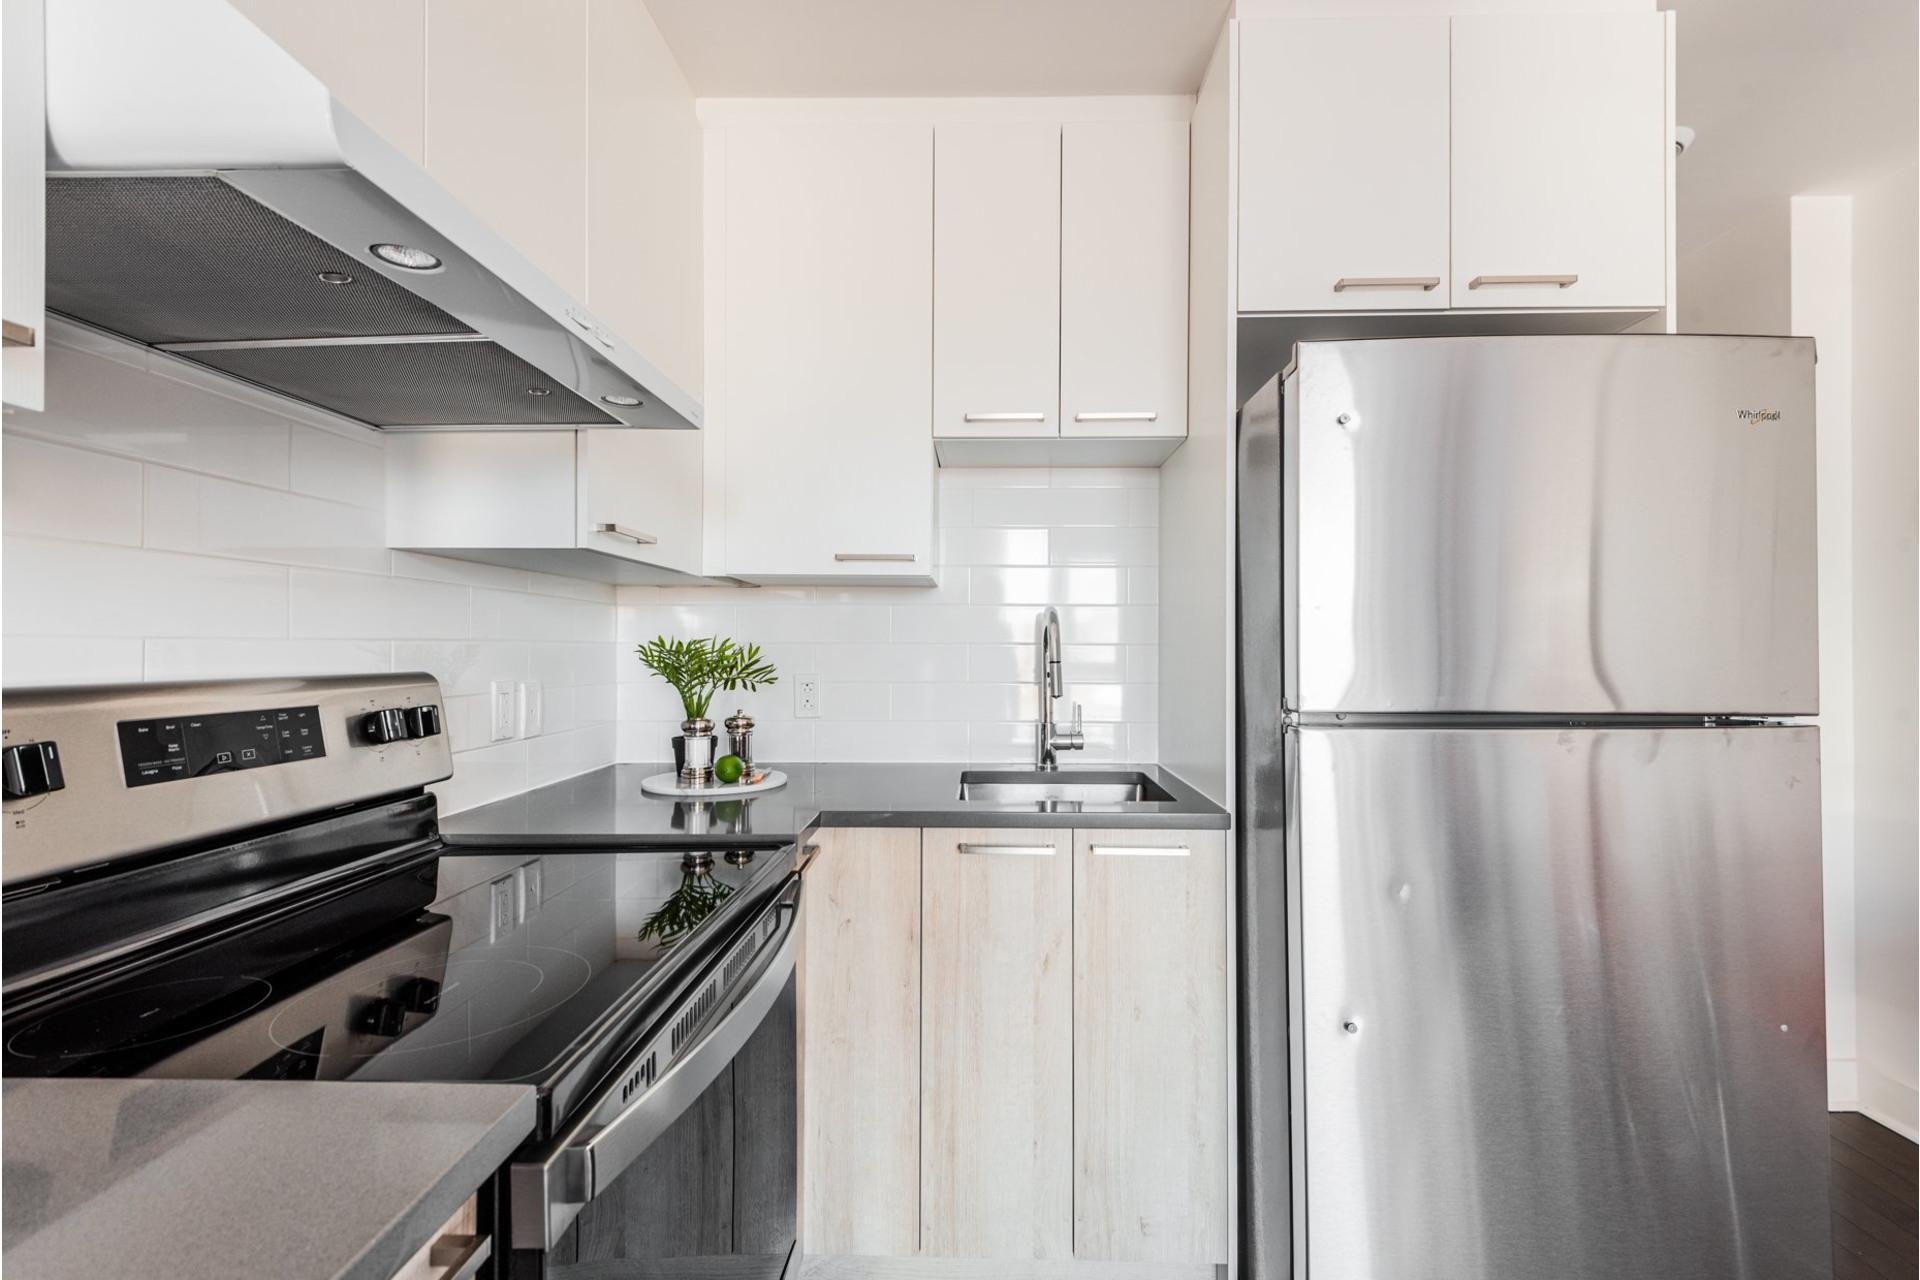 image 9 - Appartement À vendre Villeray/Saint-Michel/Parc-Extension Montréal  - 3 pièces